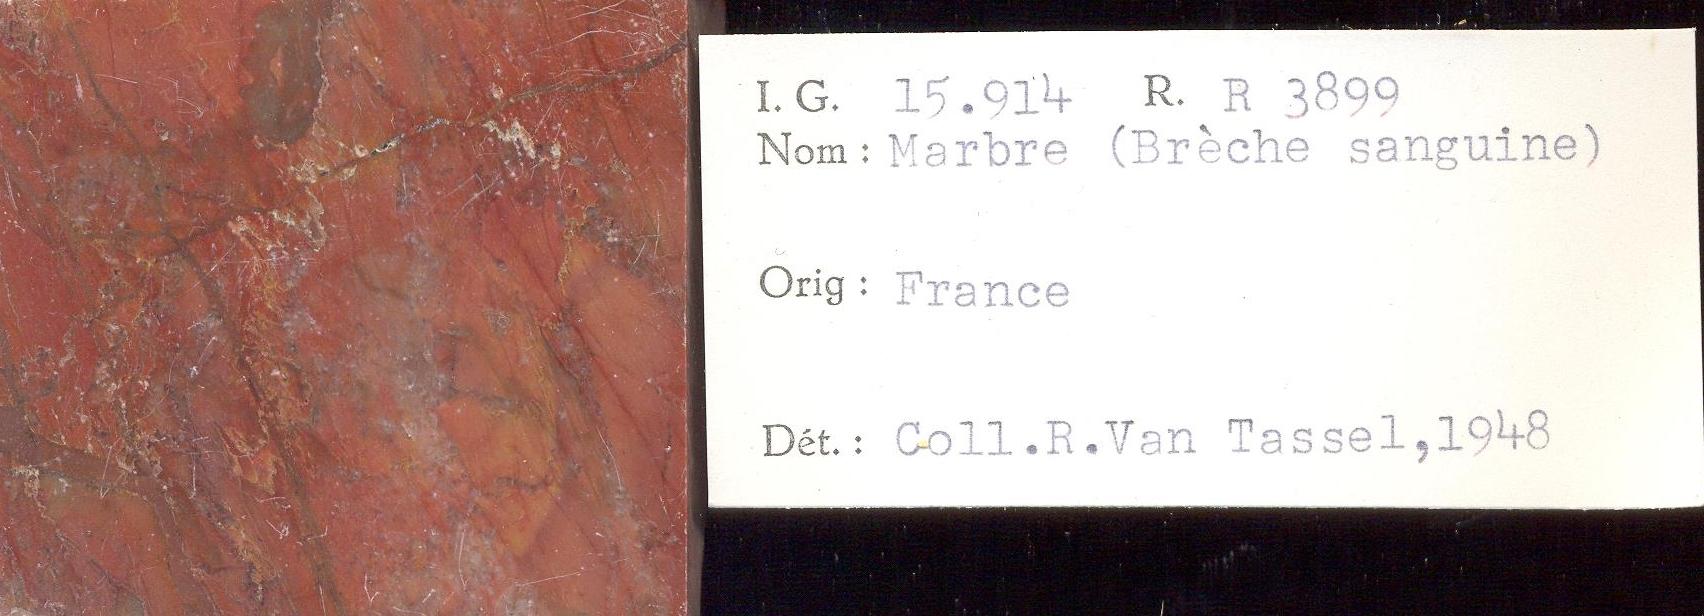 Brèche Sanguine RR3899